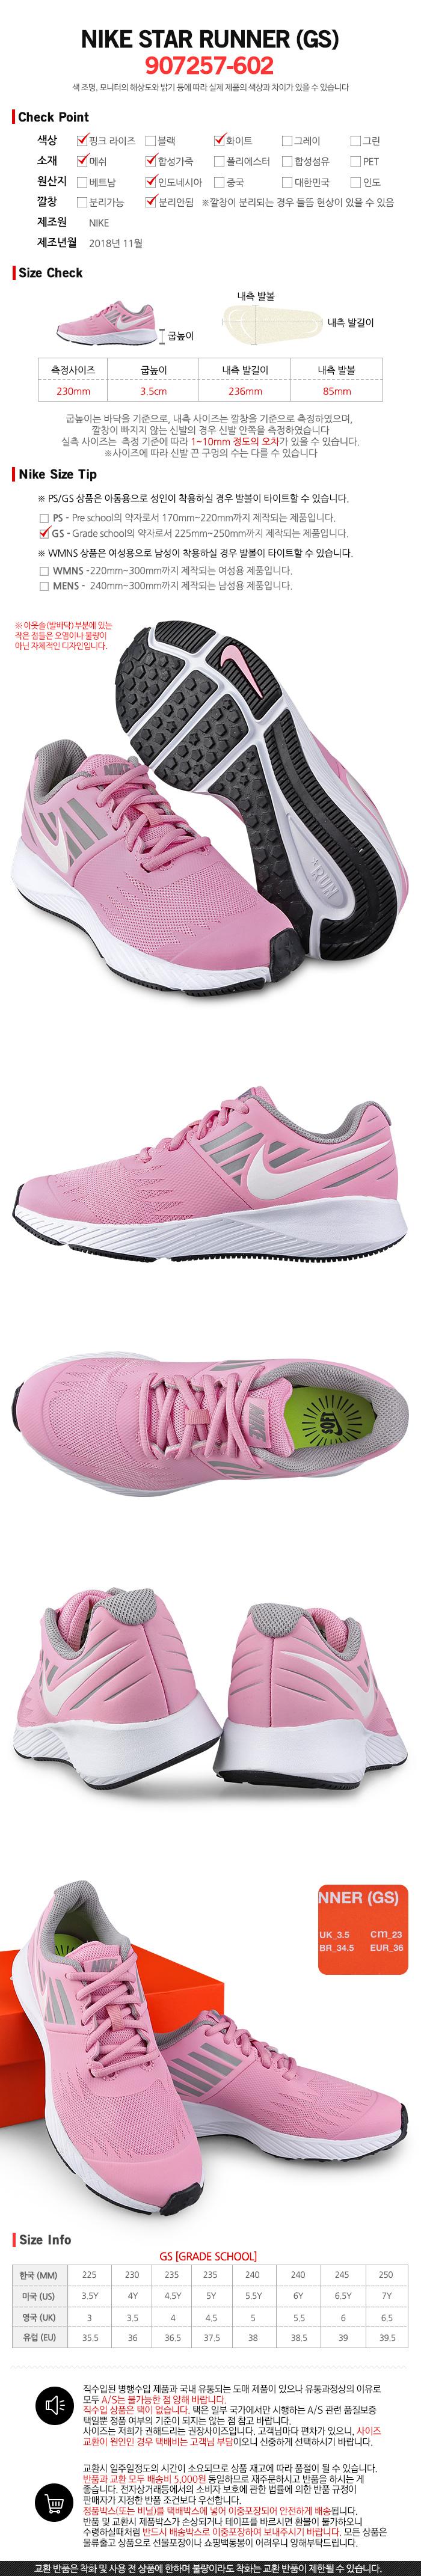 나이키(NIKE) 스타러너 GS 여성 운동화 핑크그레이 (907257-602)